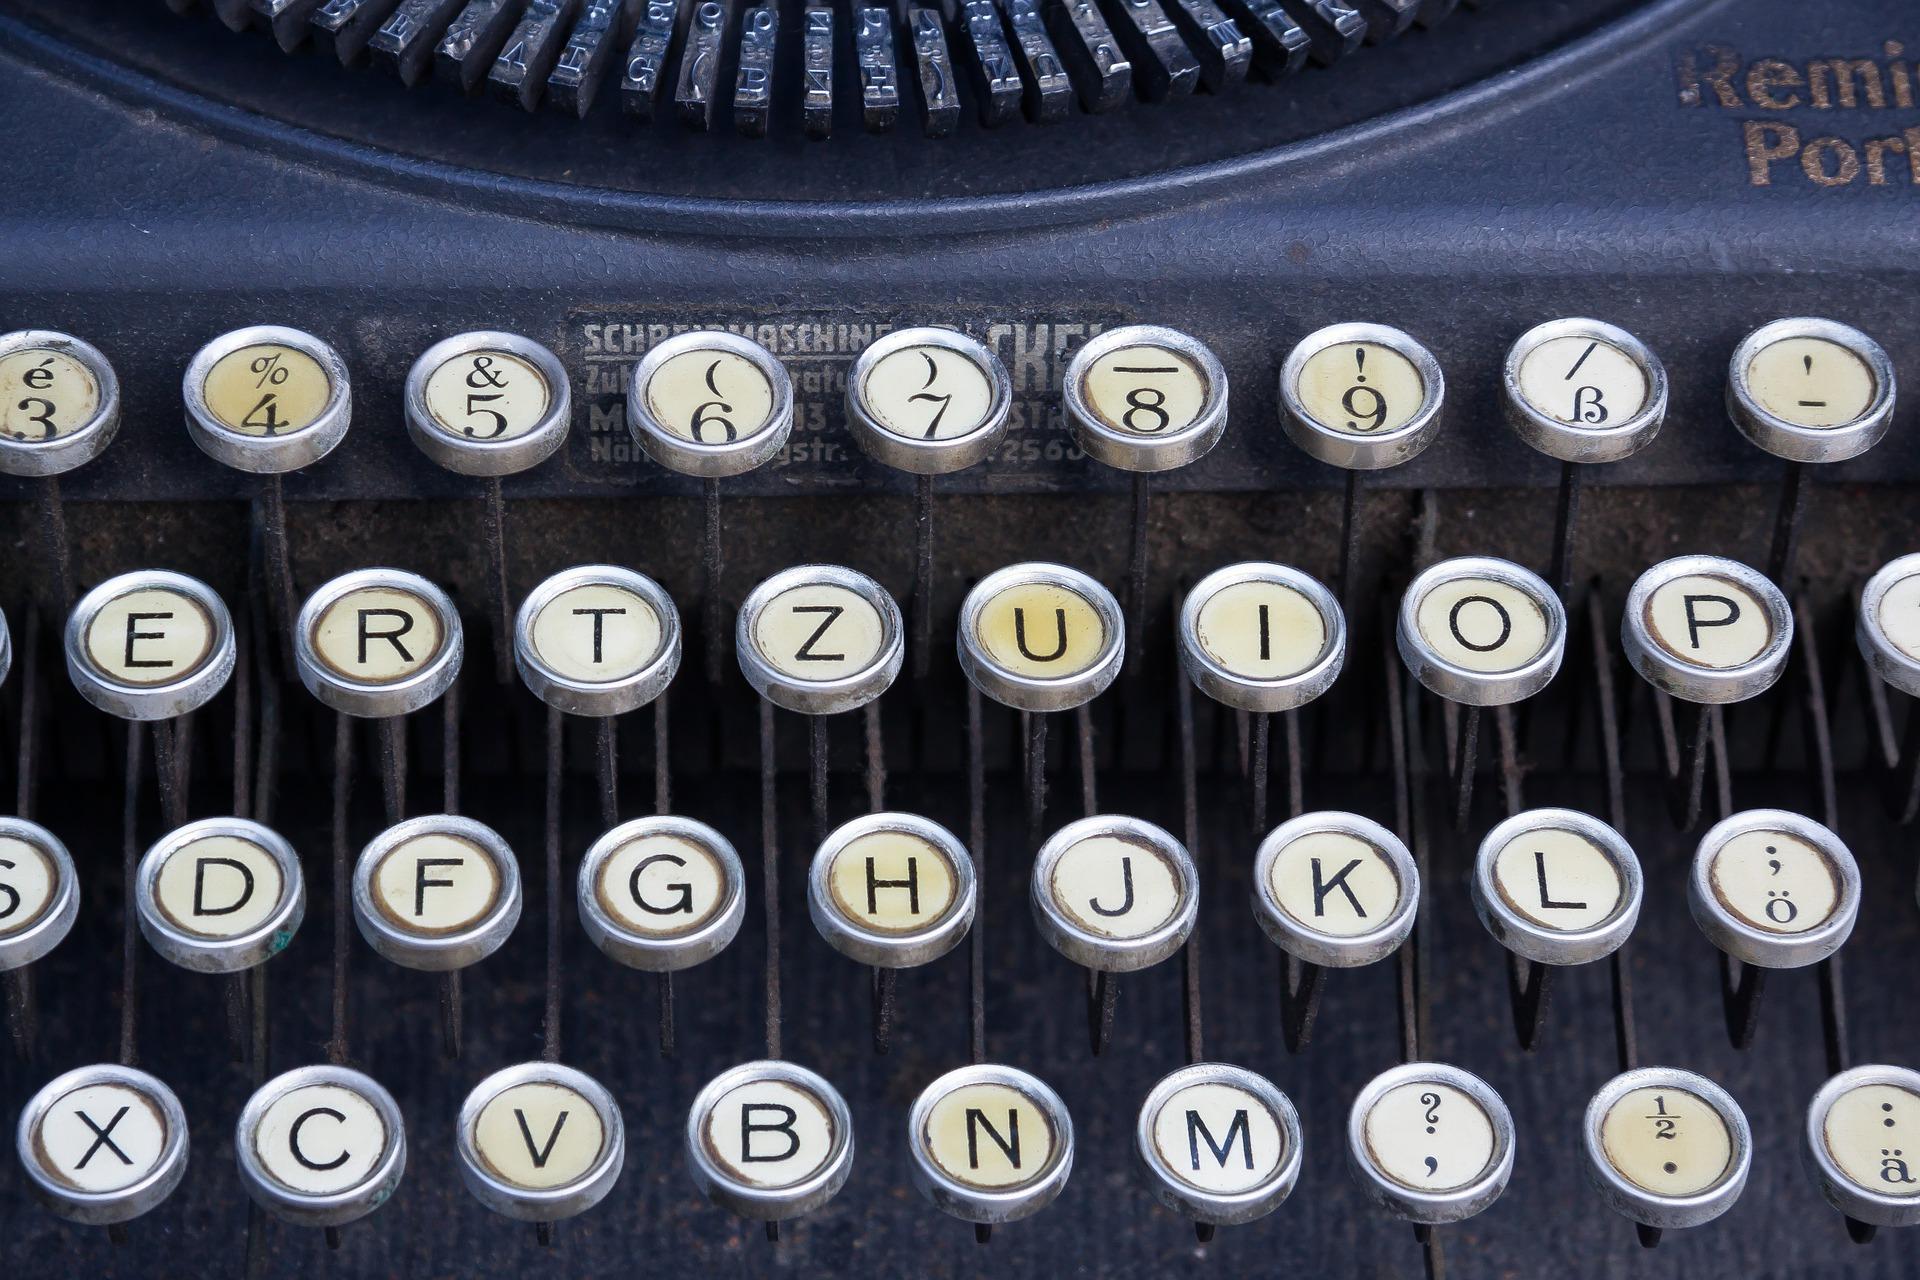 typewriter-464746_1920